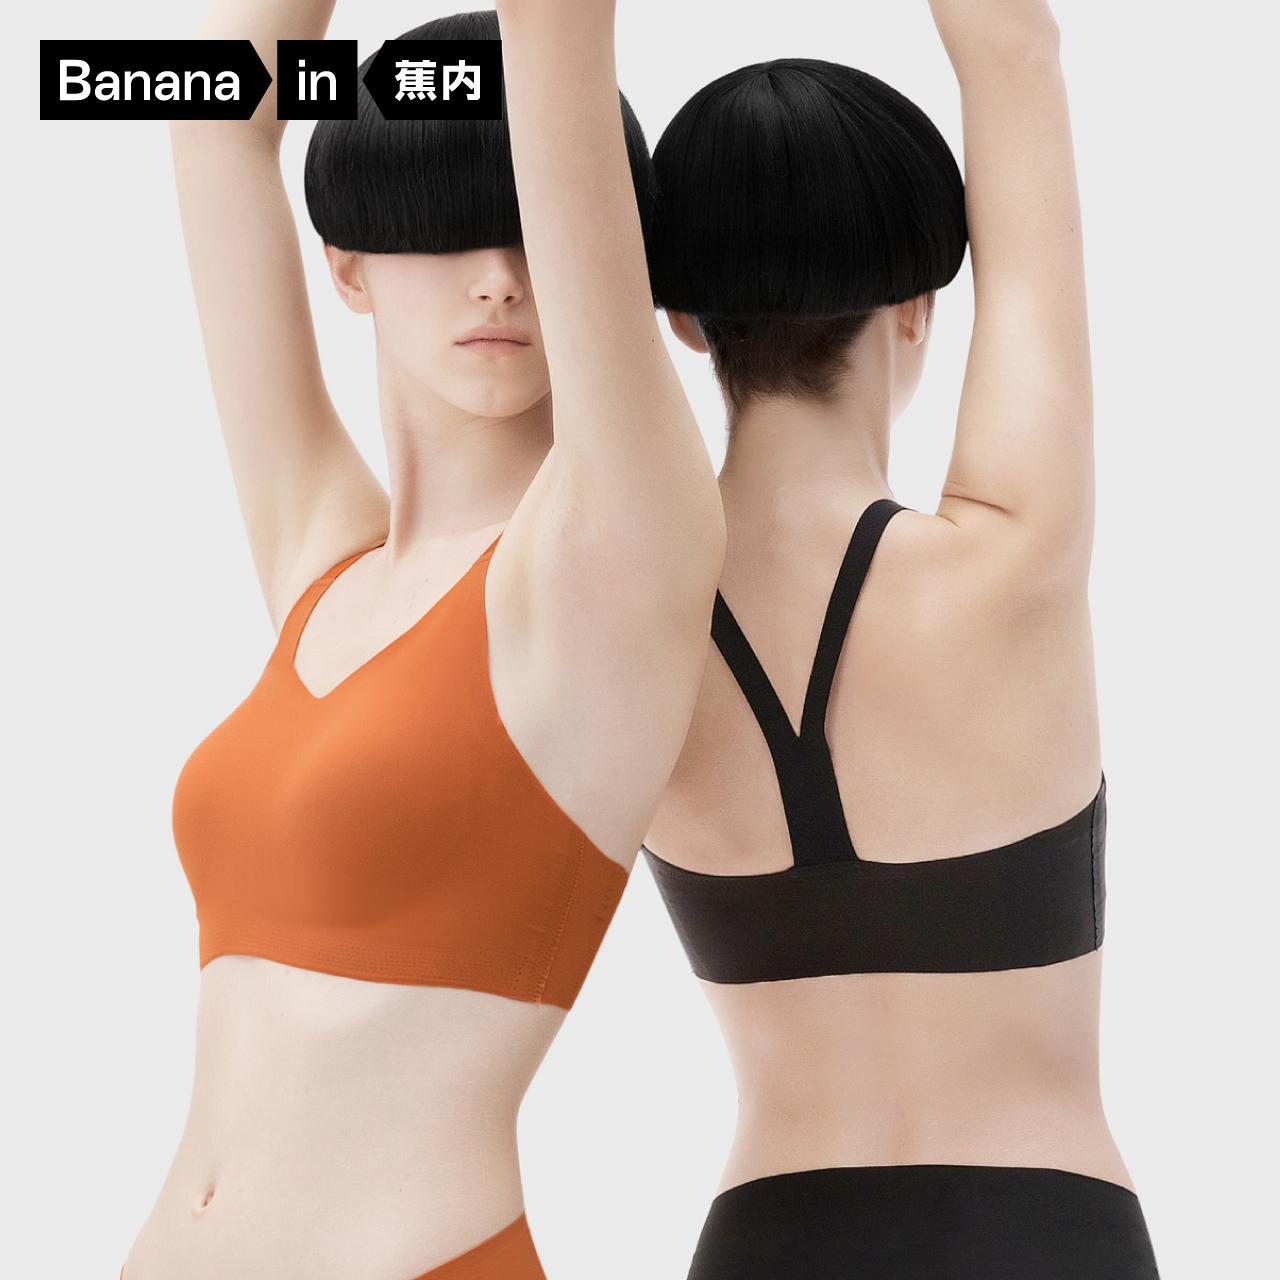 Bananain蕉内507A夏季薄款无痕美背文胸固定杯可机洗无钢圈内衣女